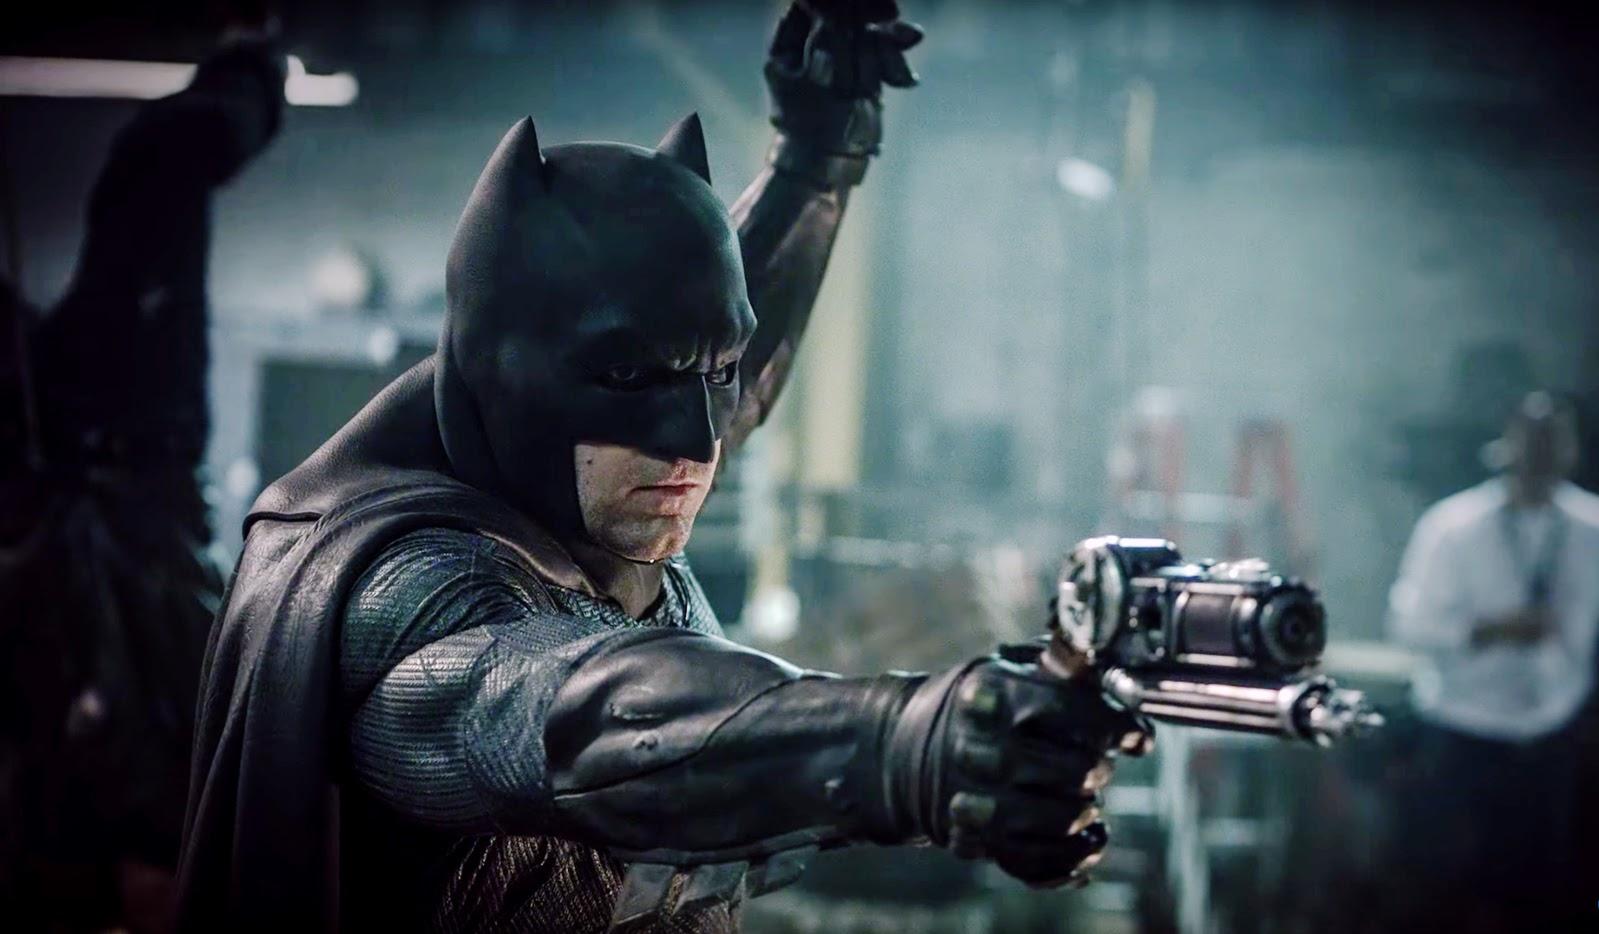 The Batman : 新しいダークナイトが登場する待望のDCコミックスのヒーロー映画「ザ・バットマン」の撮影が先送りになるかもしれない遅延の可能性が伝えられた ! !